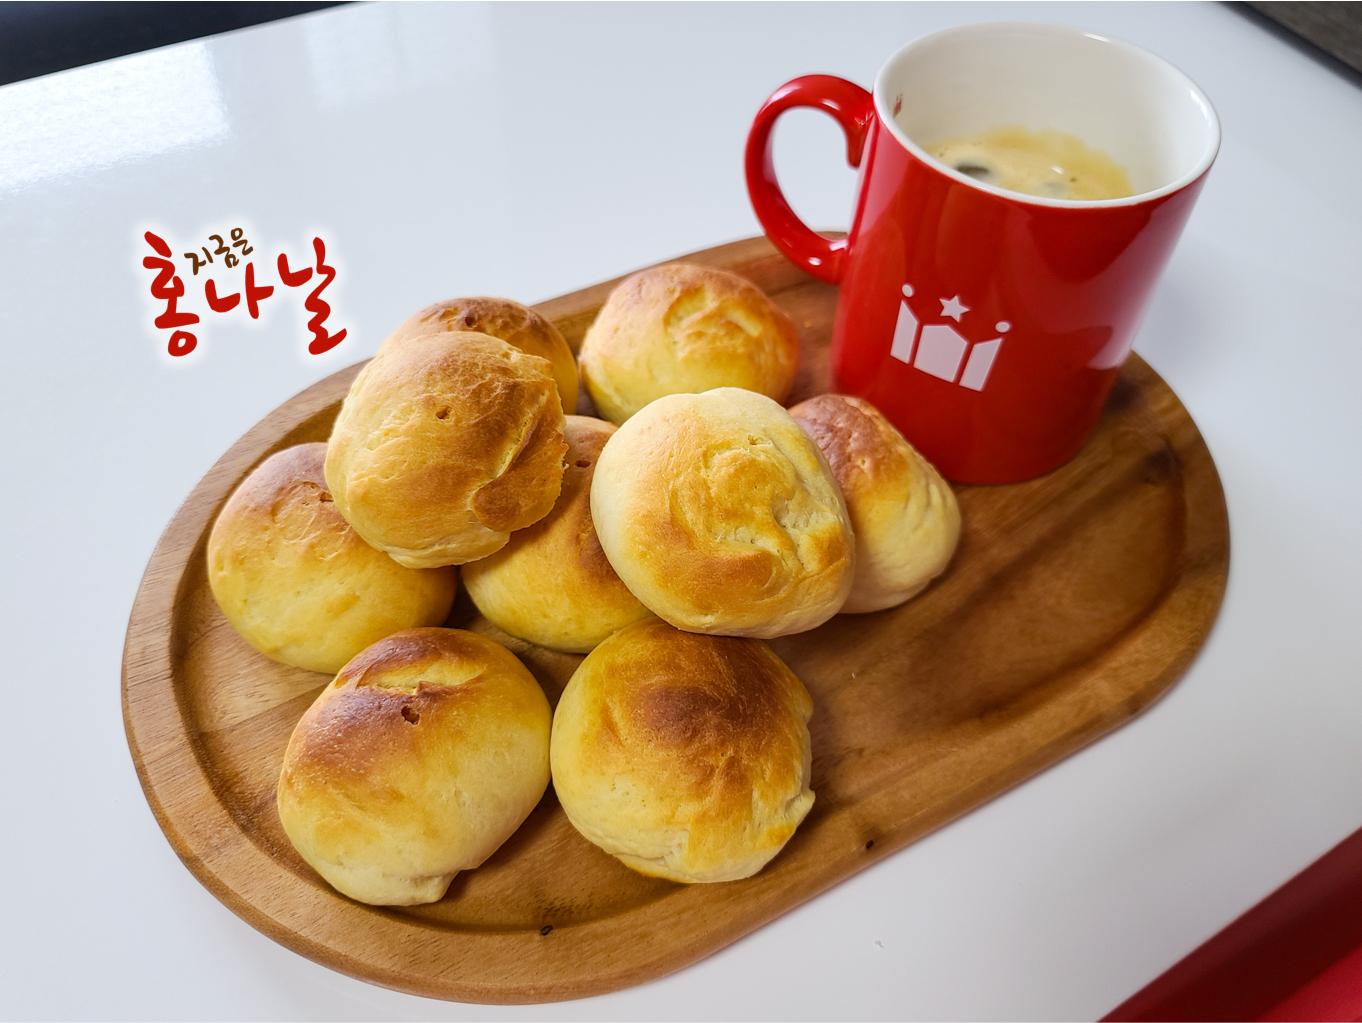 [모닝빵] 커피에 잘 어울리는 모닝빵